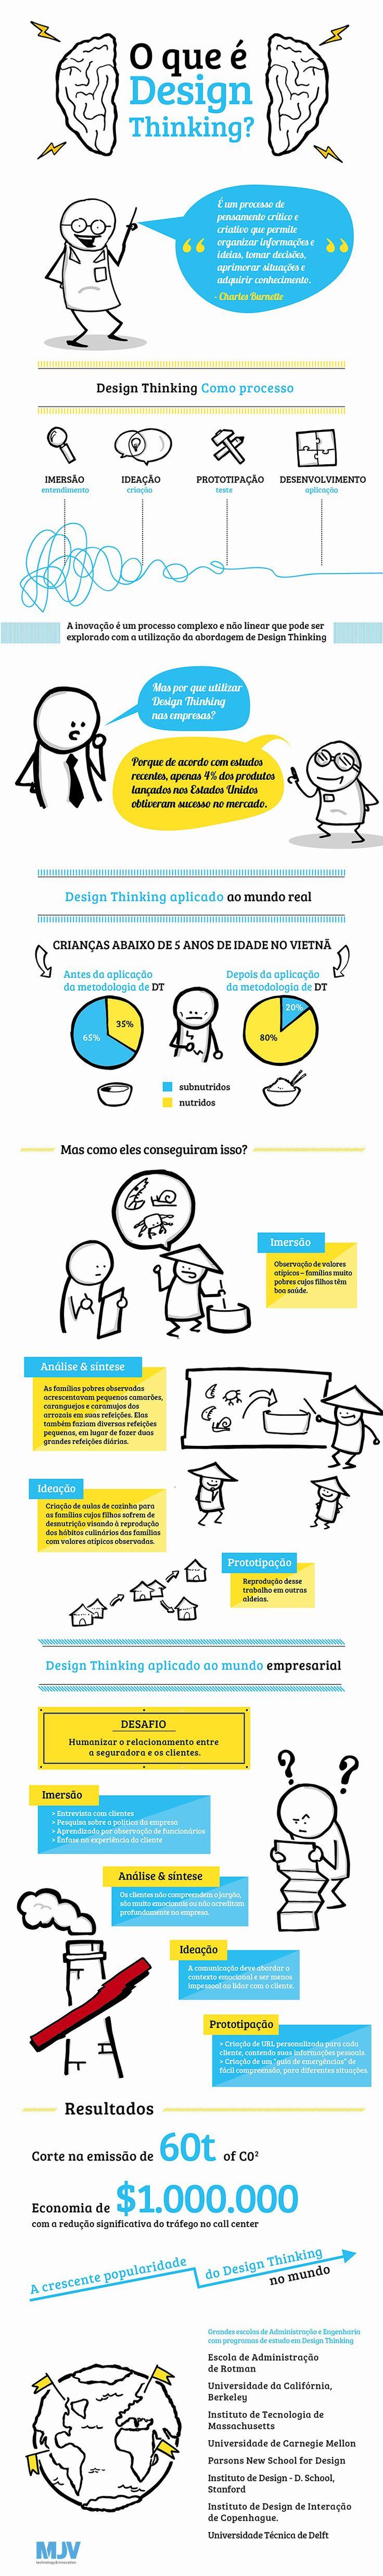 O que é Design Thinking? - Assuntos Criativos